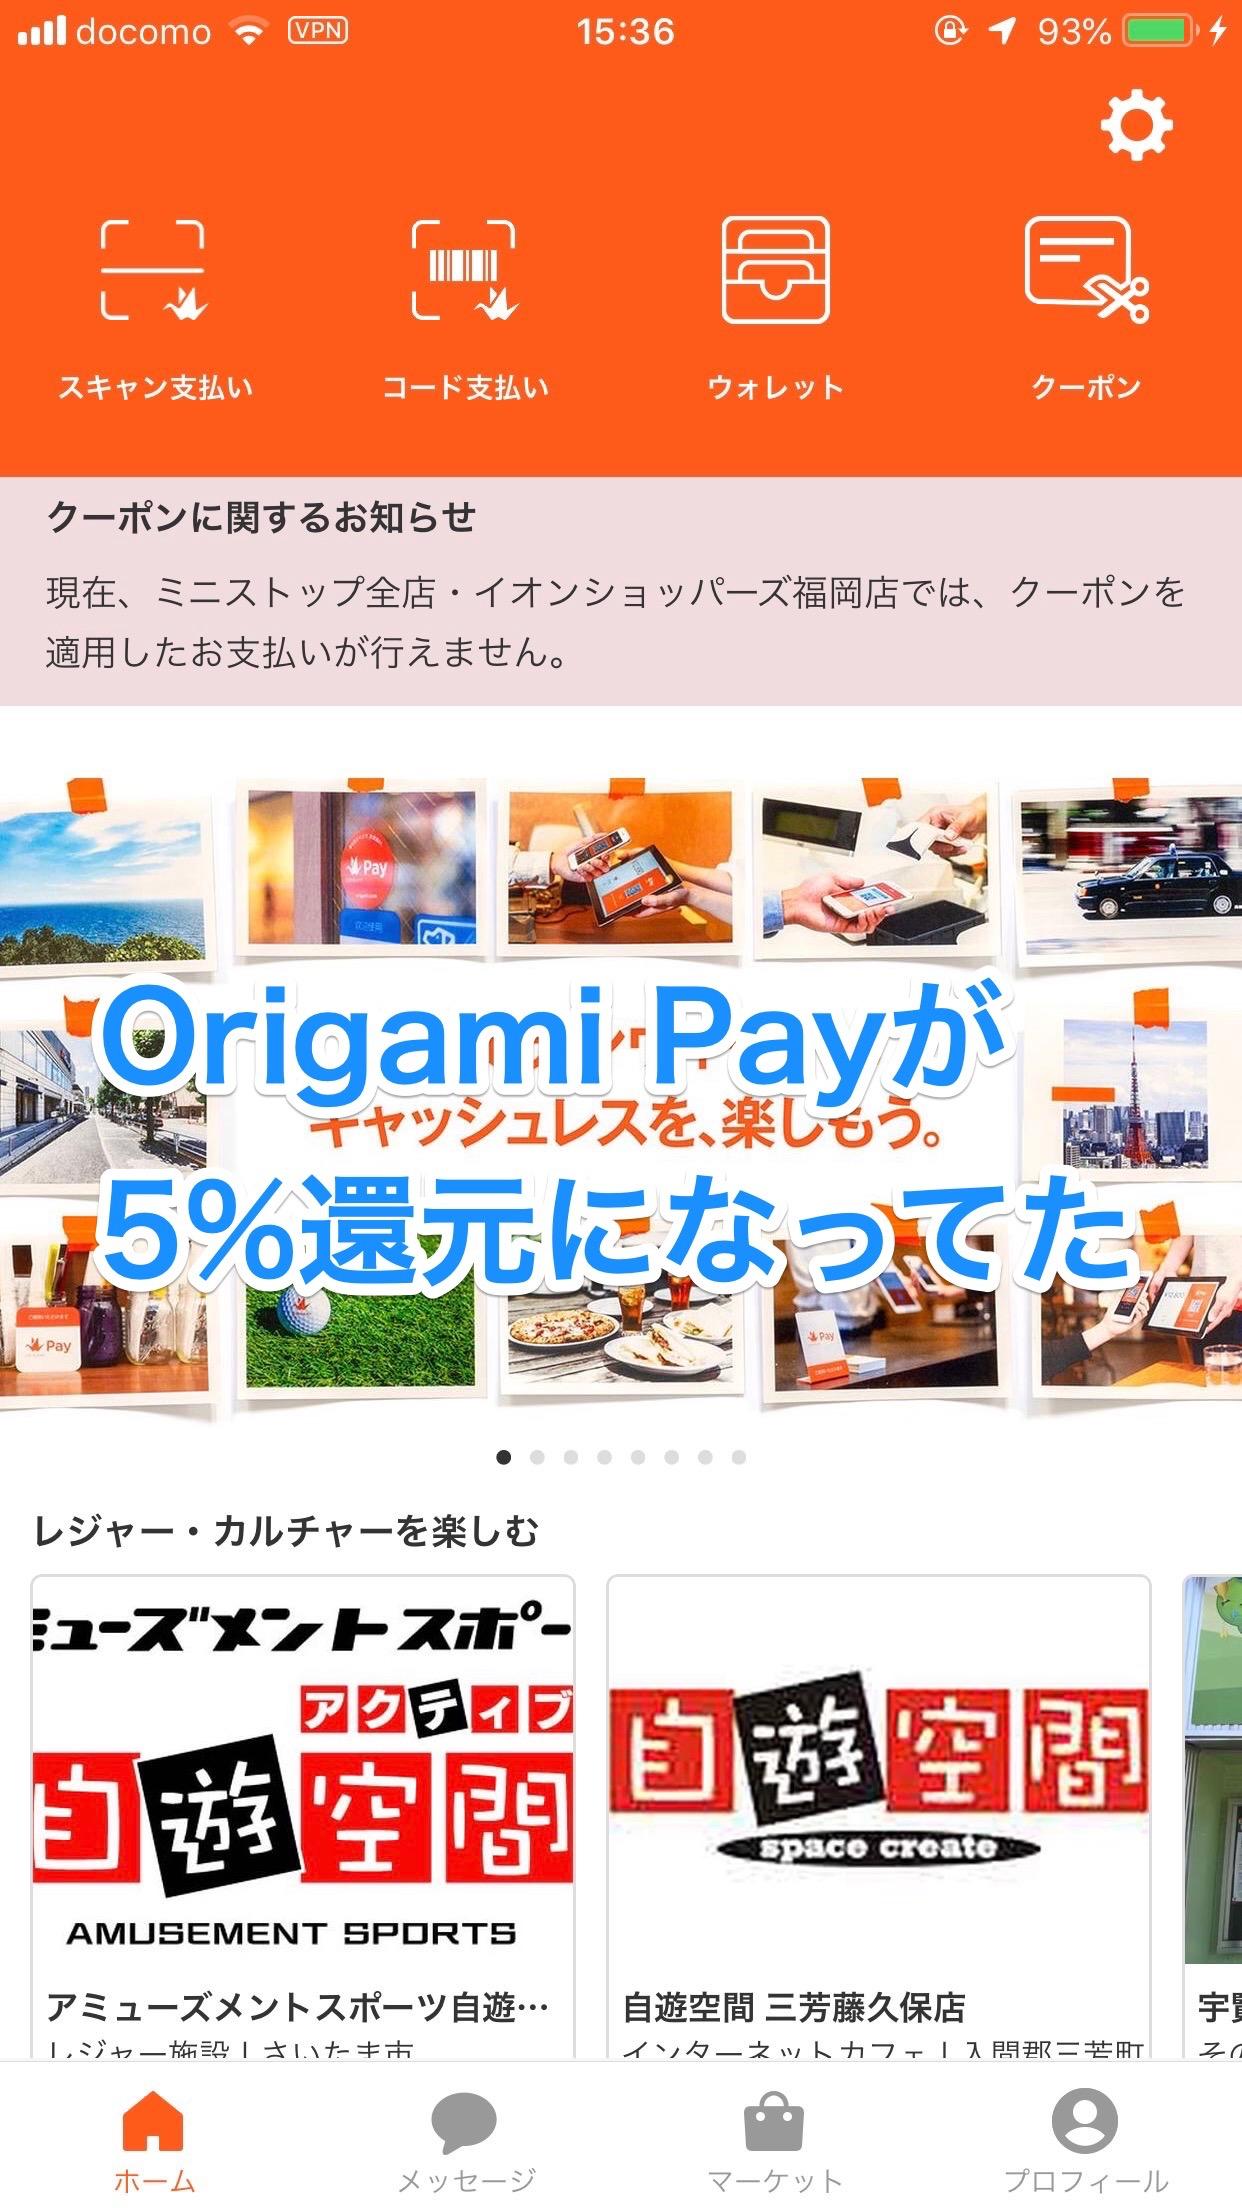 【朗報】「Origami Pay」で実質5%還元が可能に!